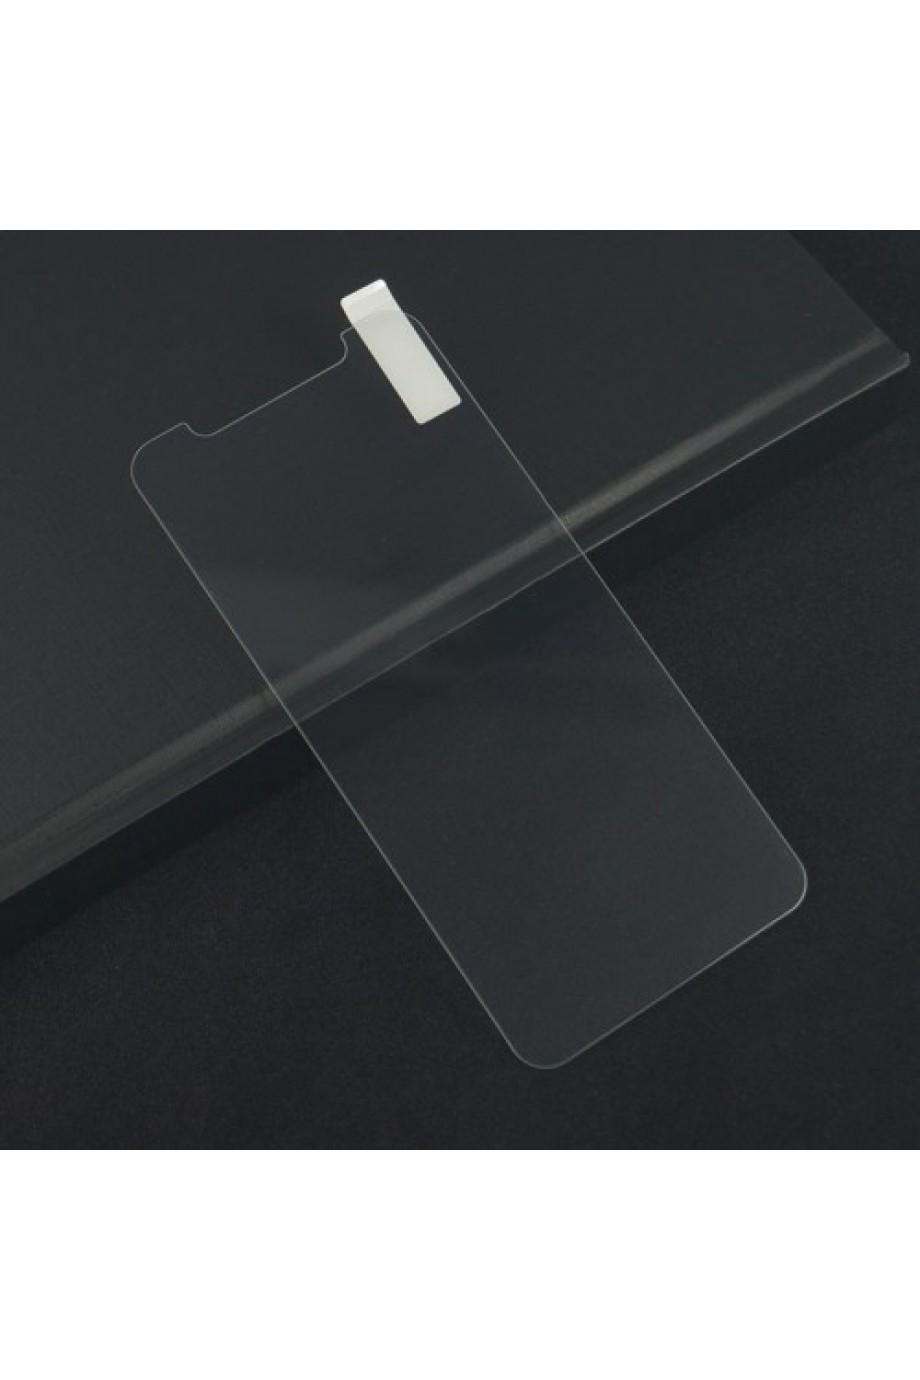 Защитное стекло Mocolo для iPhone XR